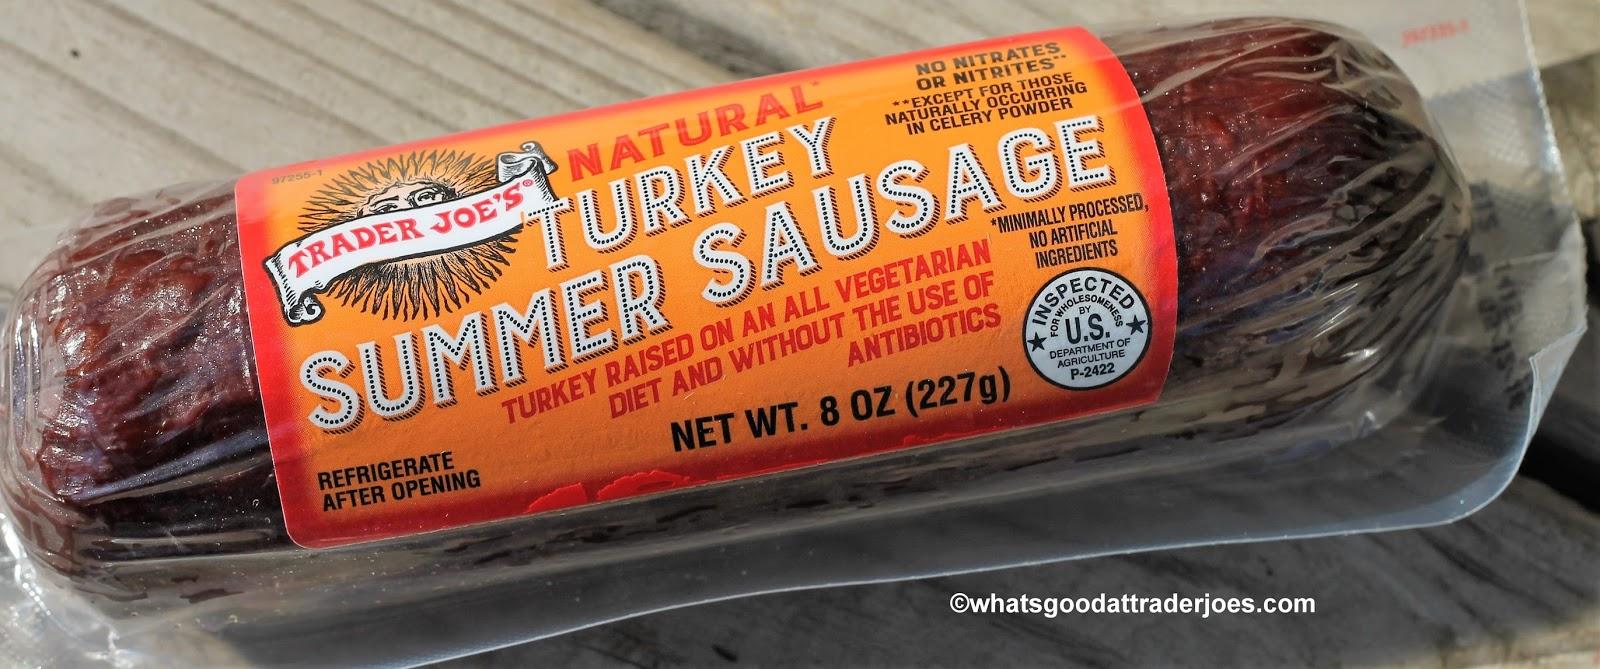 What's Good at Trader Joe's?: Trader Joe's Natural Turkey Summer Sausage